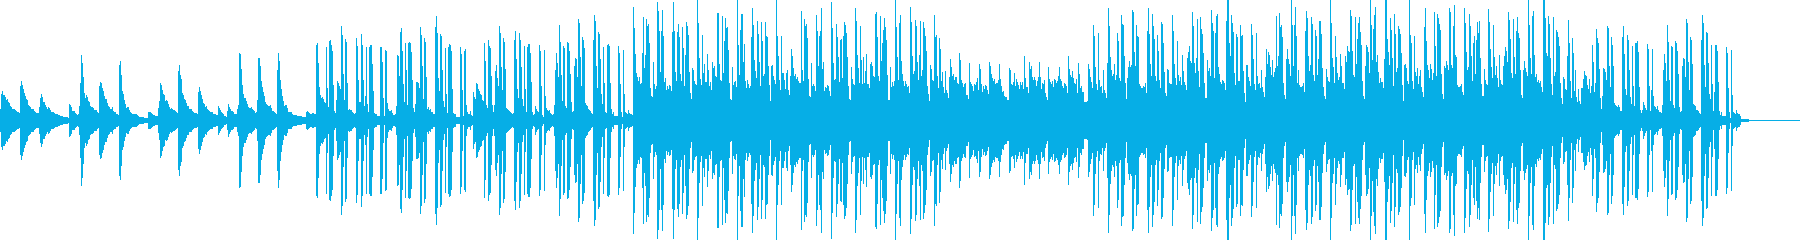 神秘的な雰囲気のヒップホップの再生済みの波形